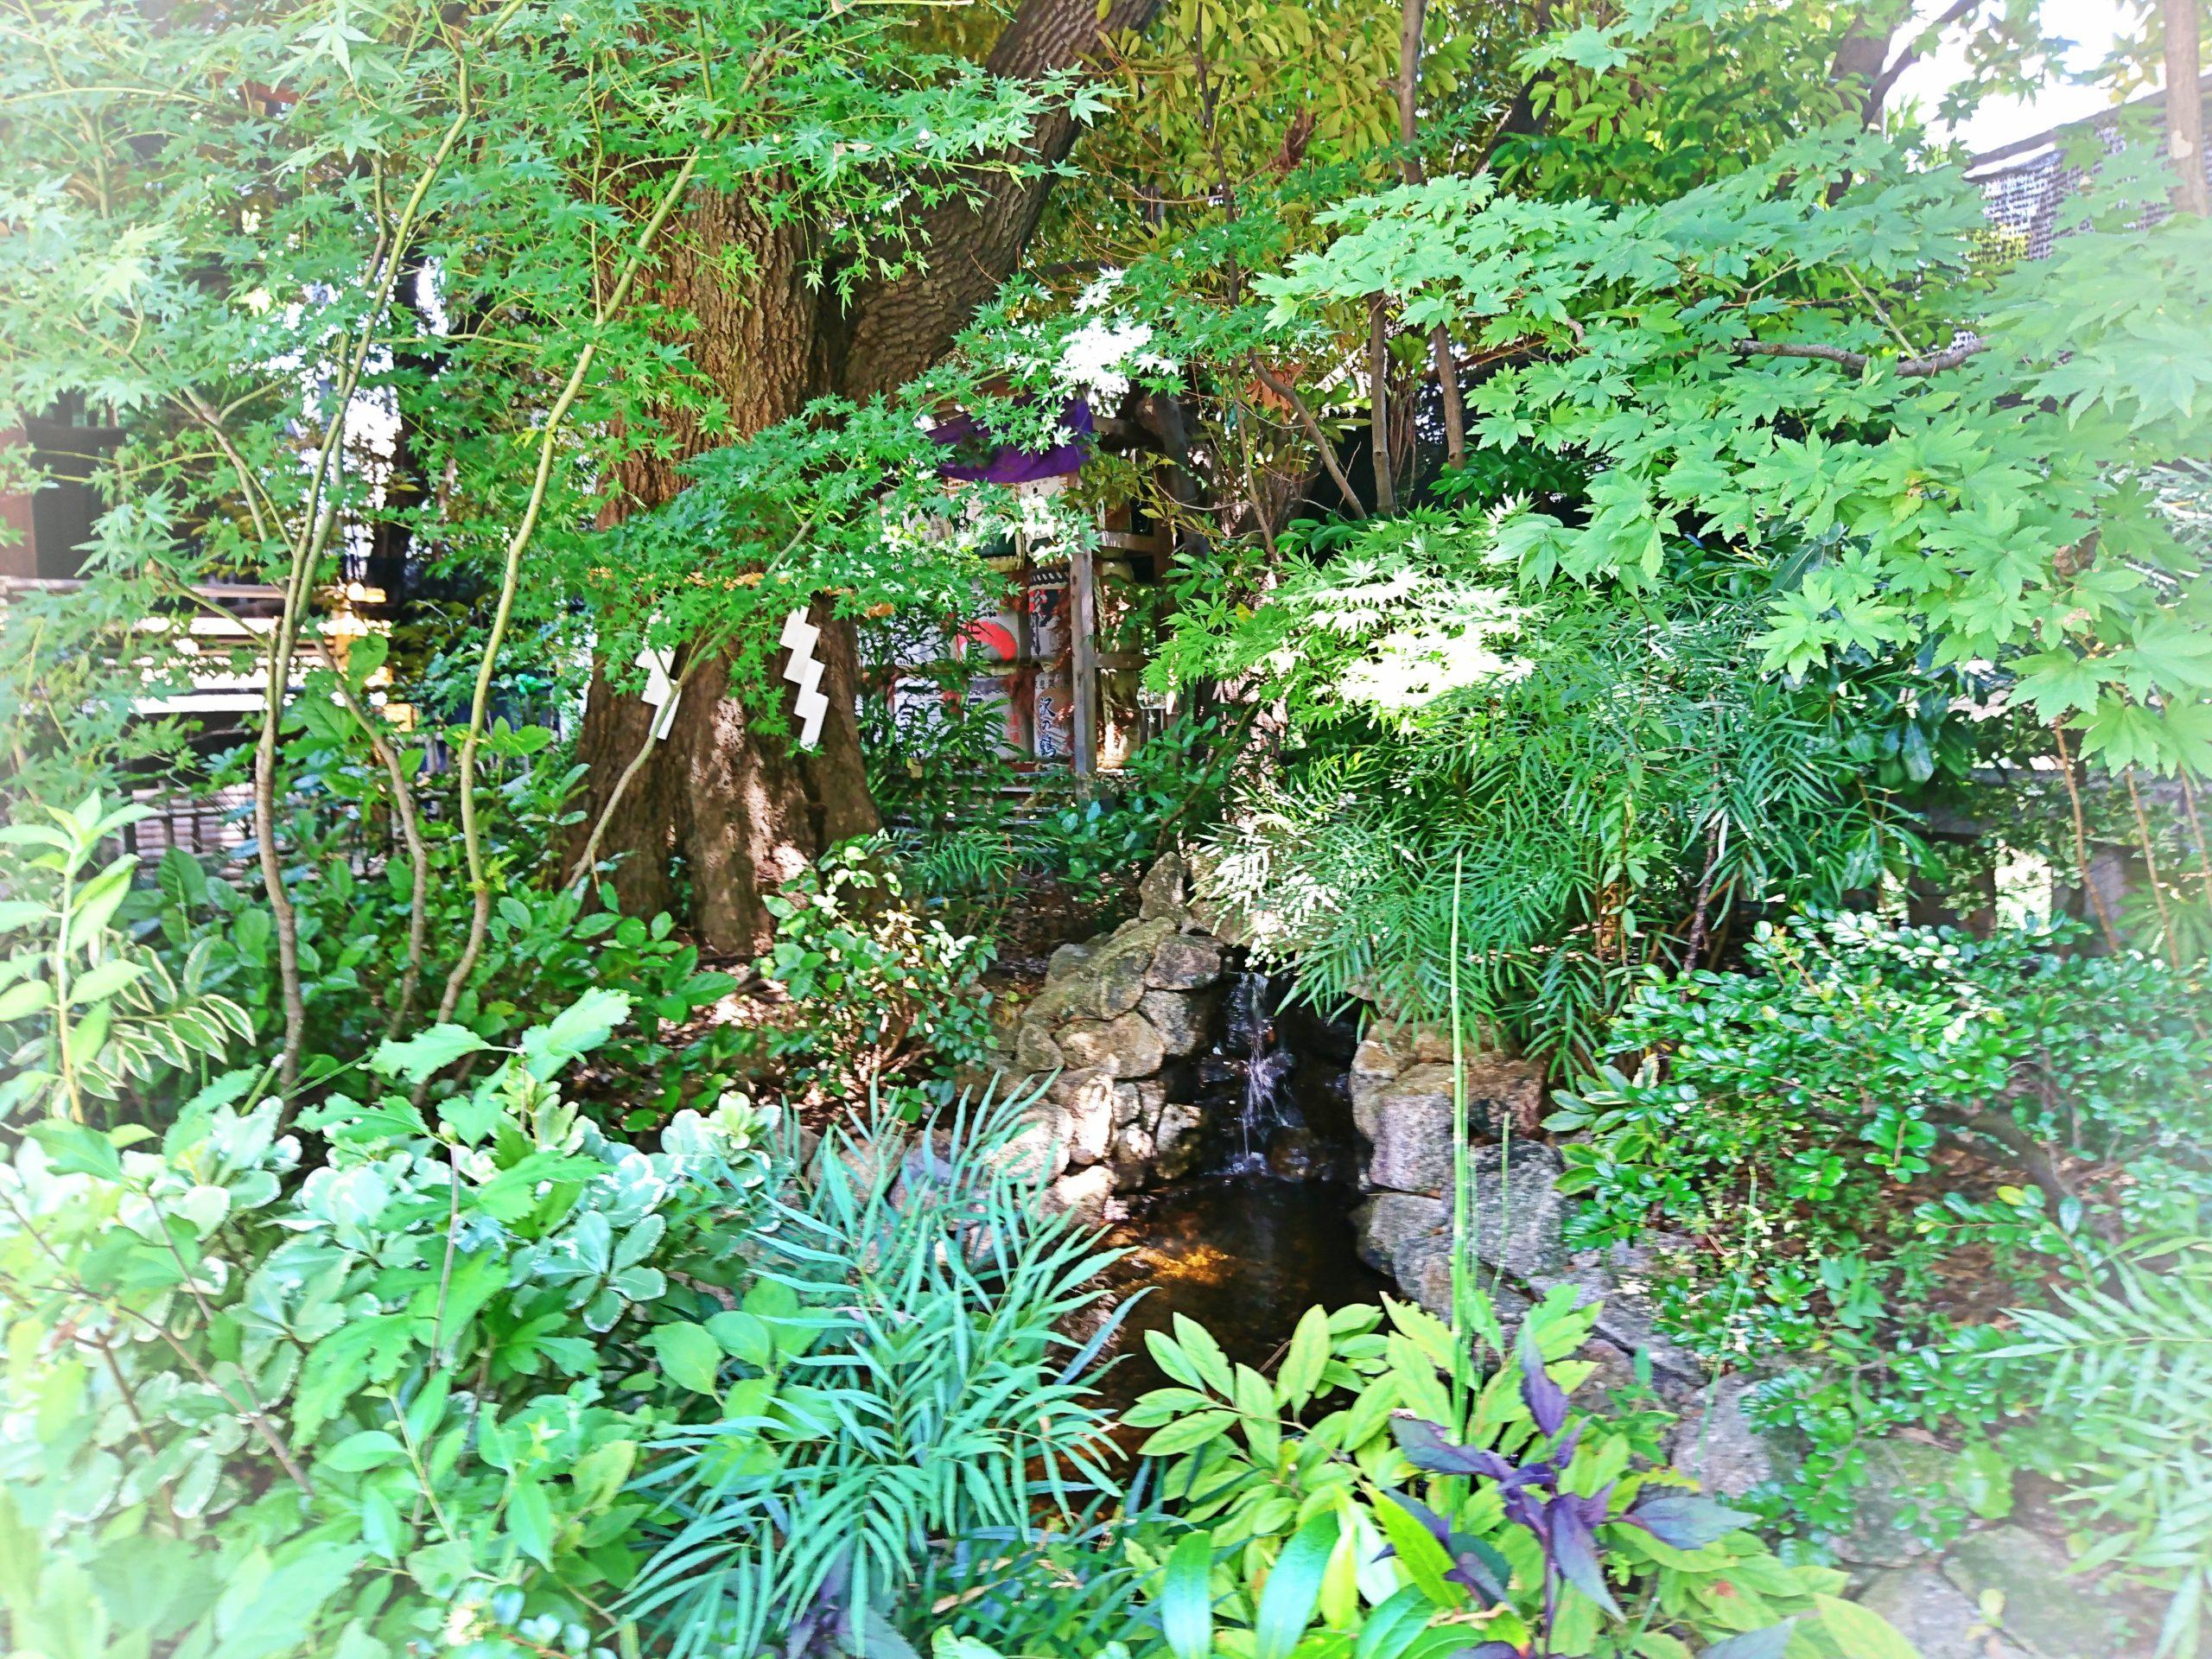 東京大神宮の境内にあるせせらぎと椎の木